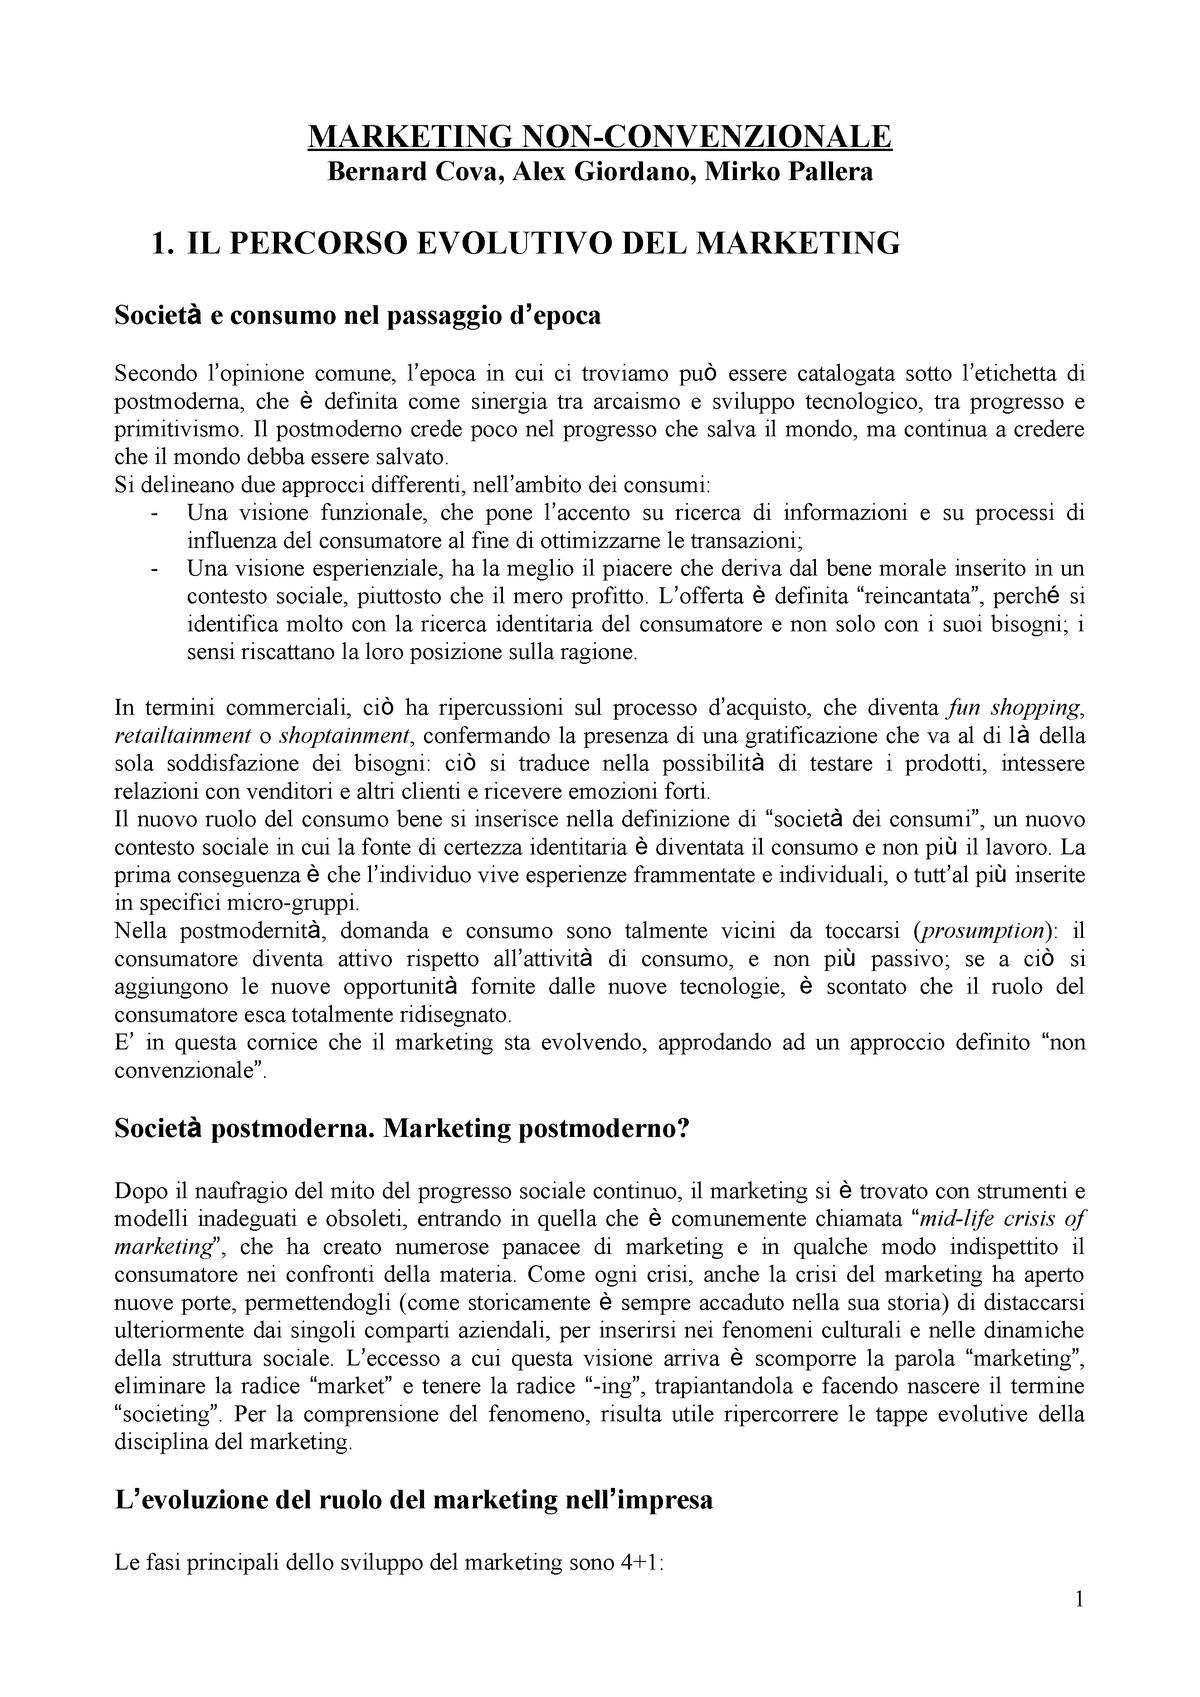 dcb1f23b4f0e42 Riassunto marketing non-convenzionale - EM7014 - StuDocu